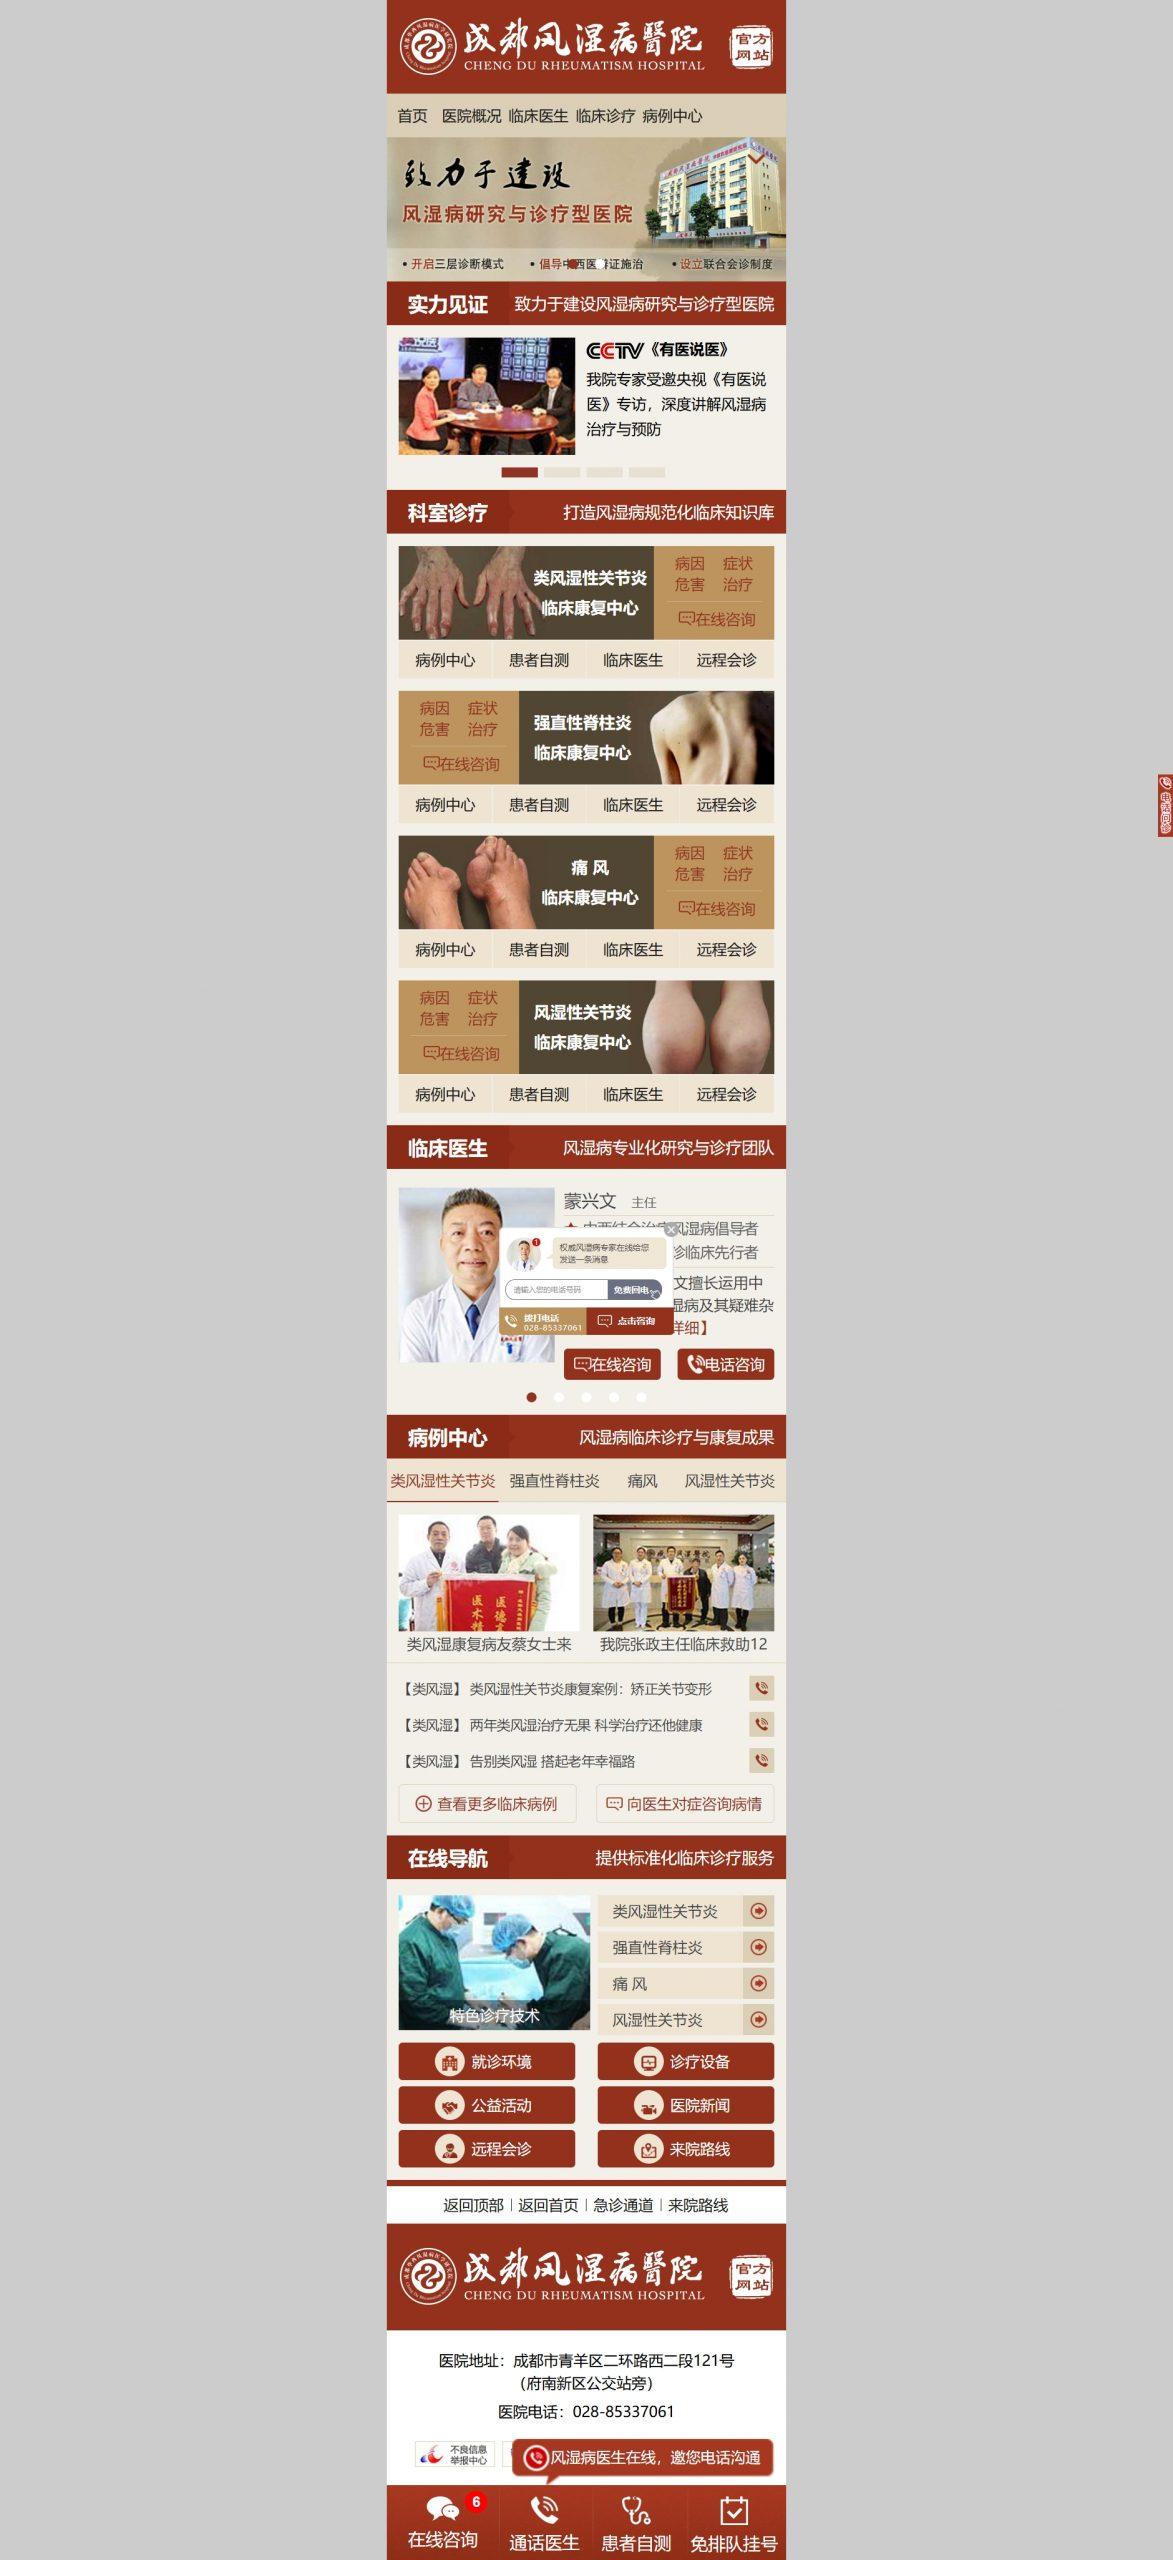 帝国CMS风湿病医院风湿病专科医院网上挂号平台模板 带WAP手机版-爱资源分享